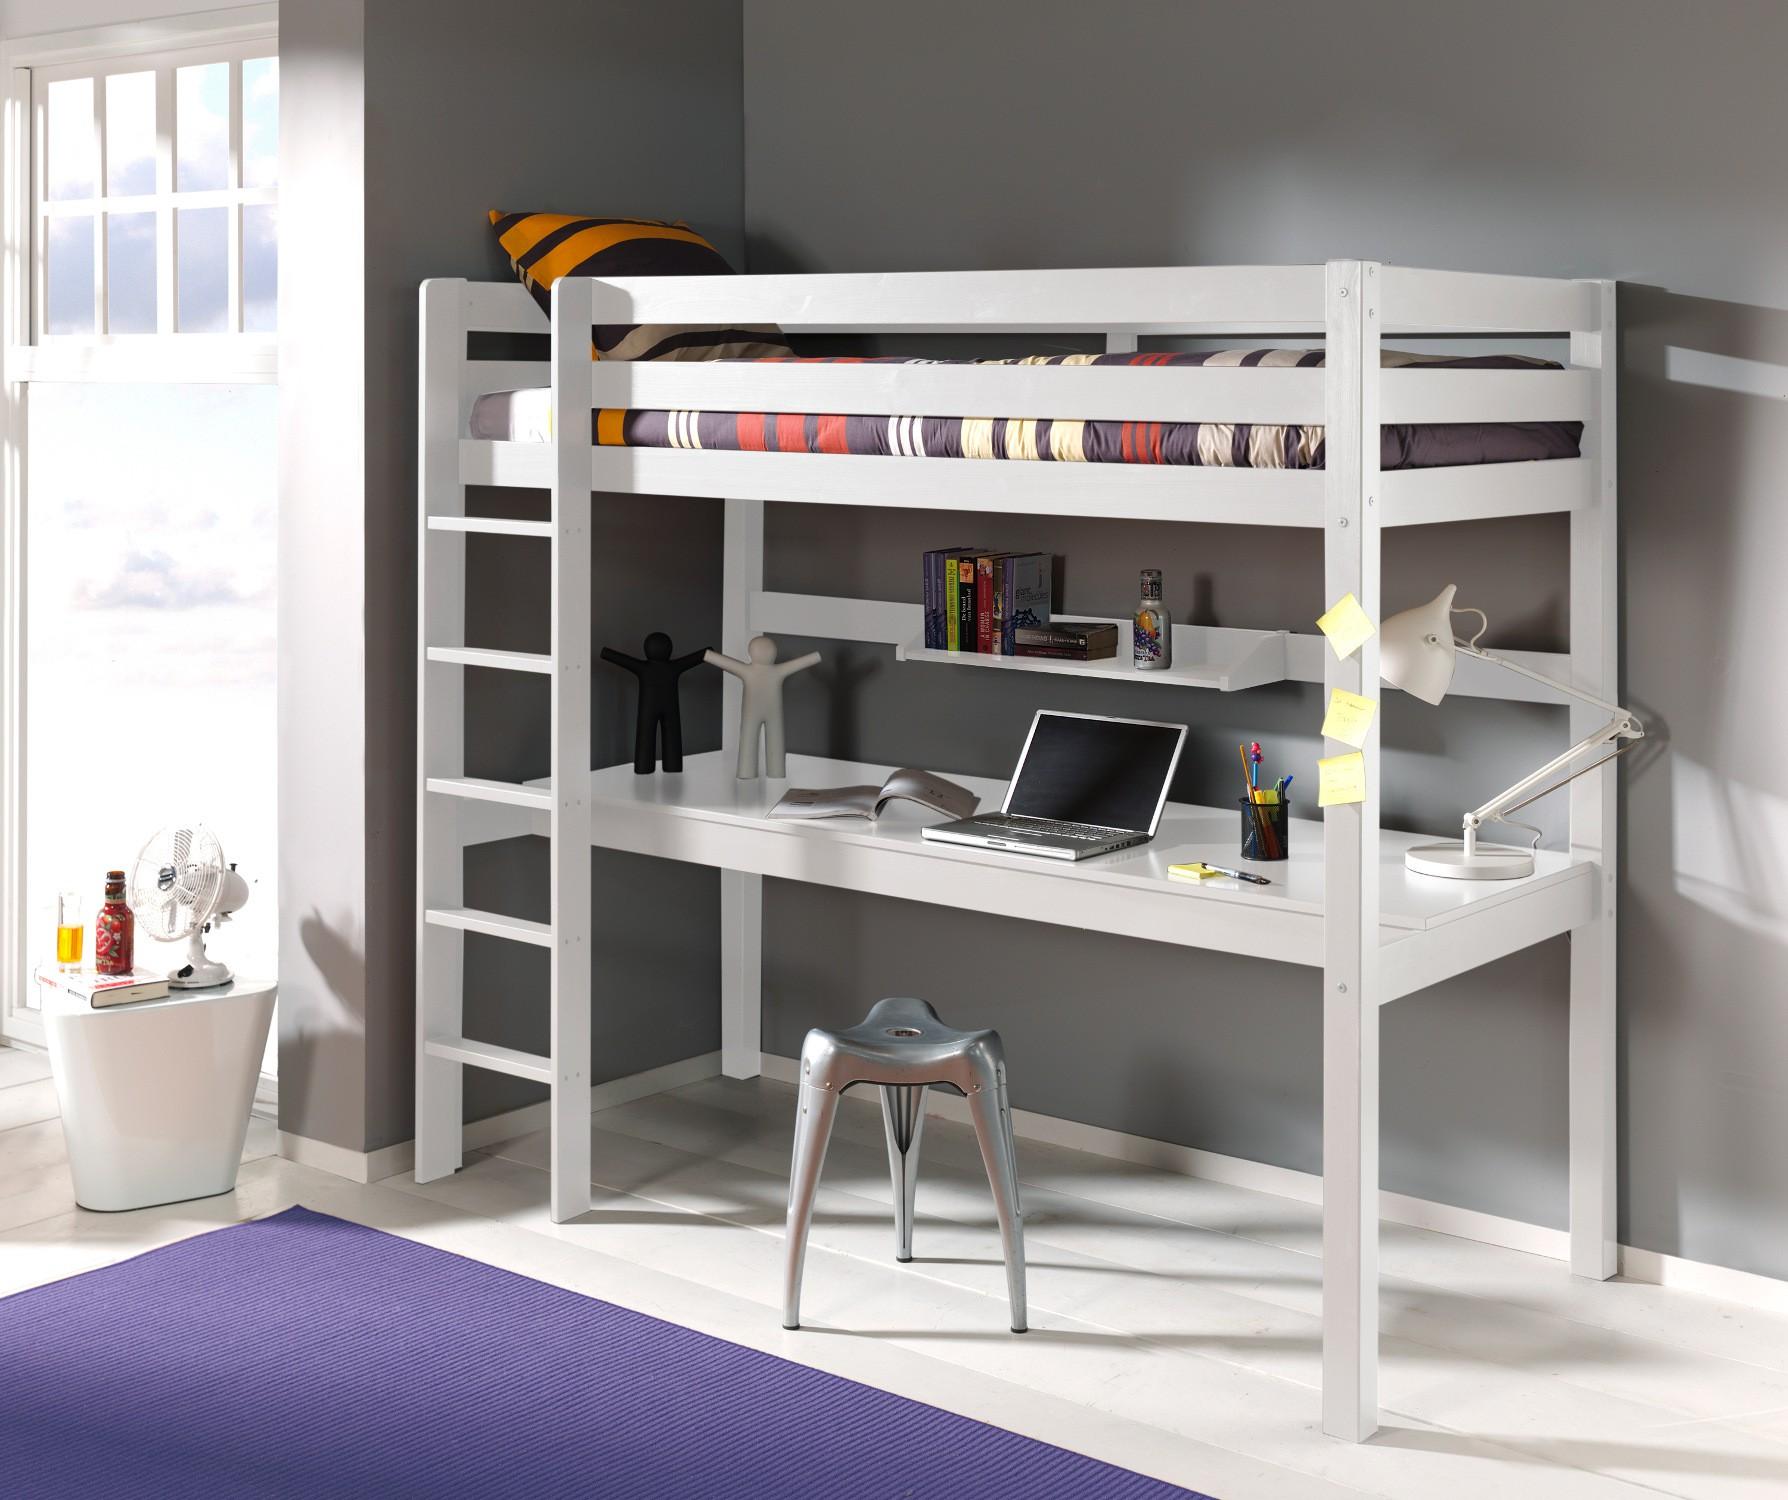 hochbett pino mit schreibtisch liegefl che 90 x 200 cm. Black Bedroom Furniture Sets. Home Design Ideas